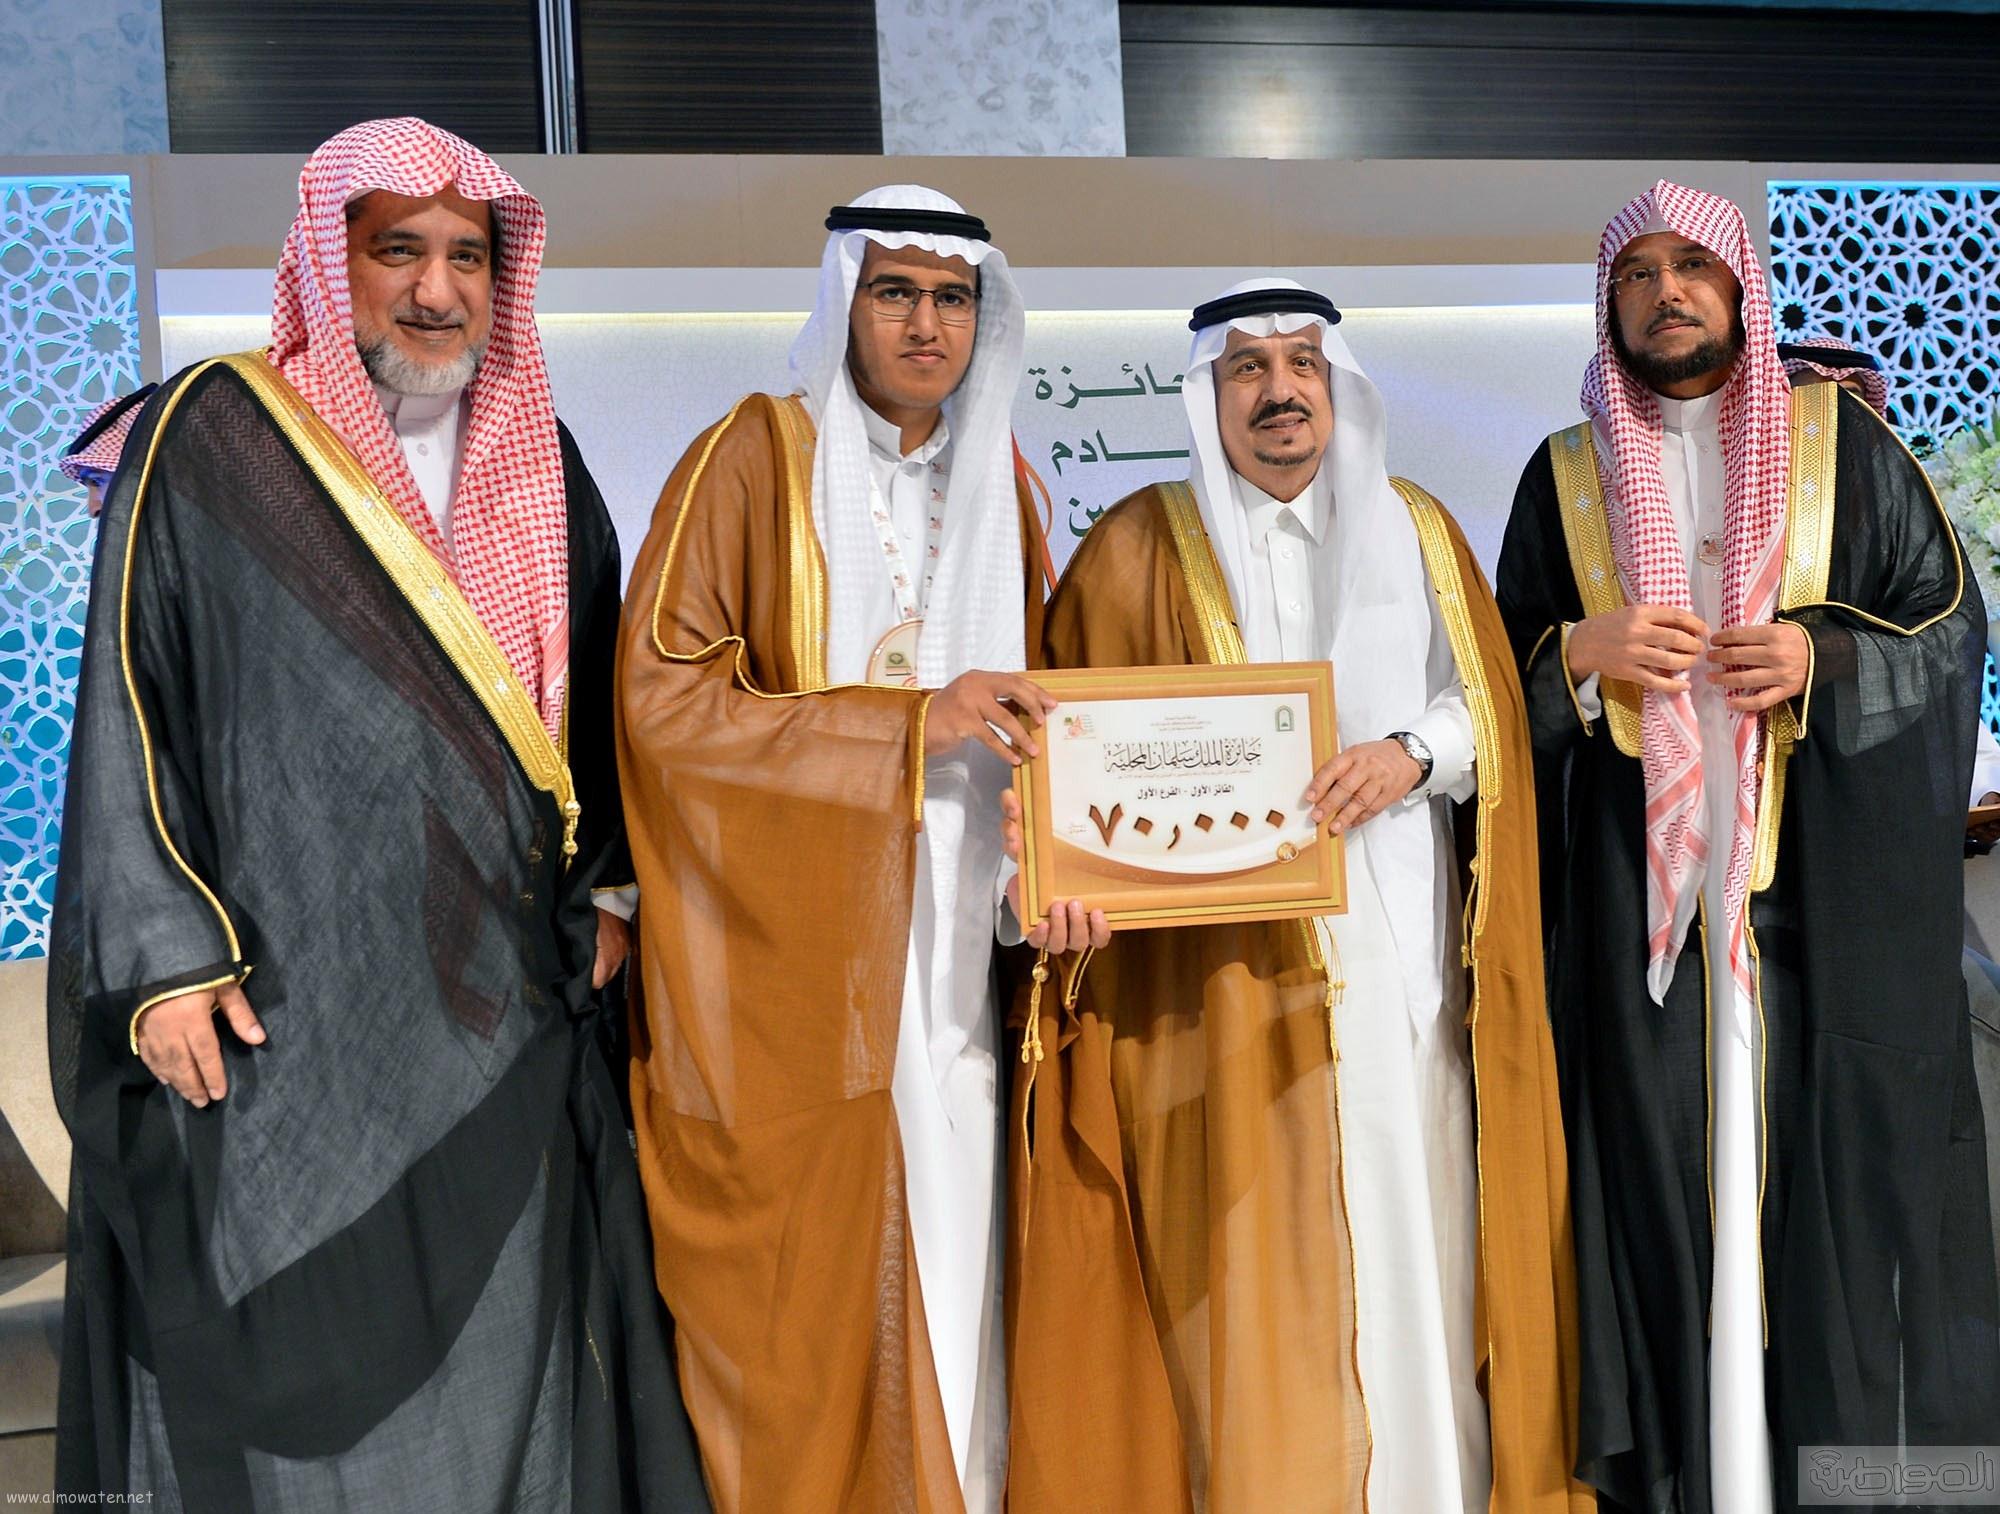 امير منطقة الرياض يرعى حفل اختتام مسابقة جائزة الملك سلمان لحفظ القران الكريم (25)